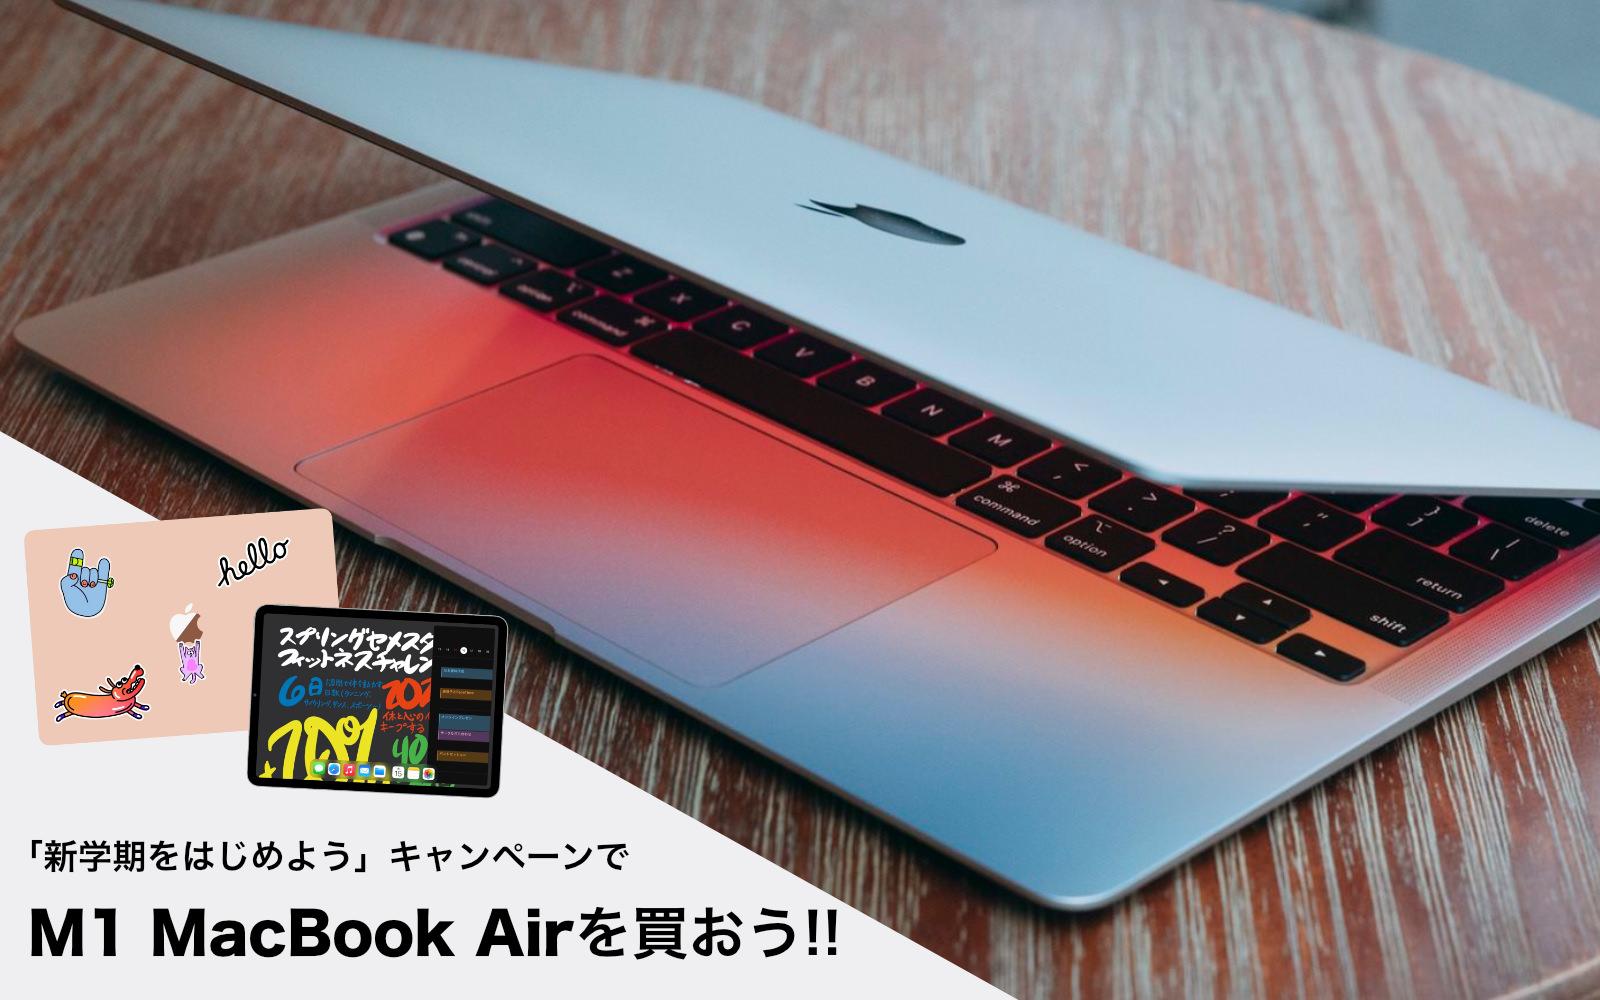 Lets Buy a M1 MacBookAir BTS